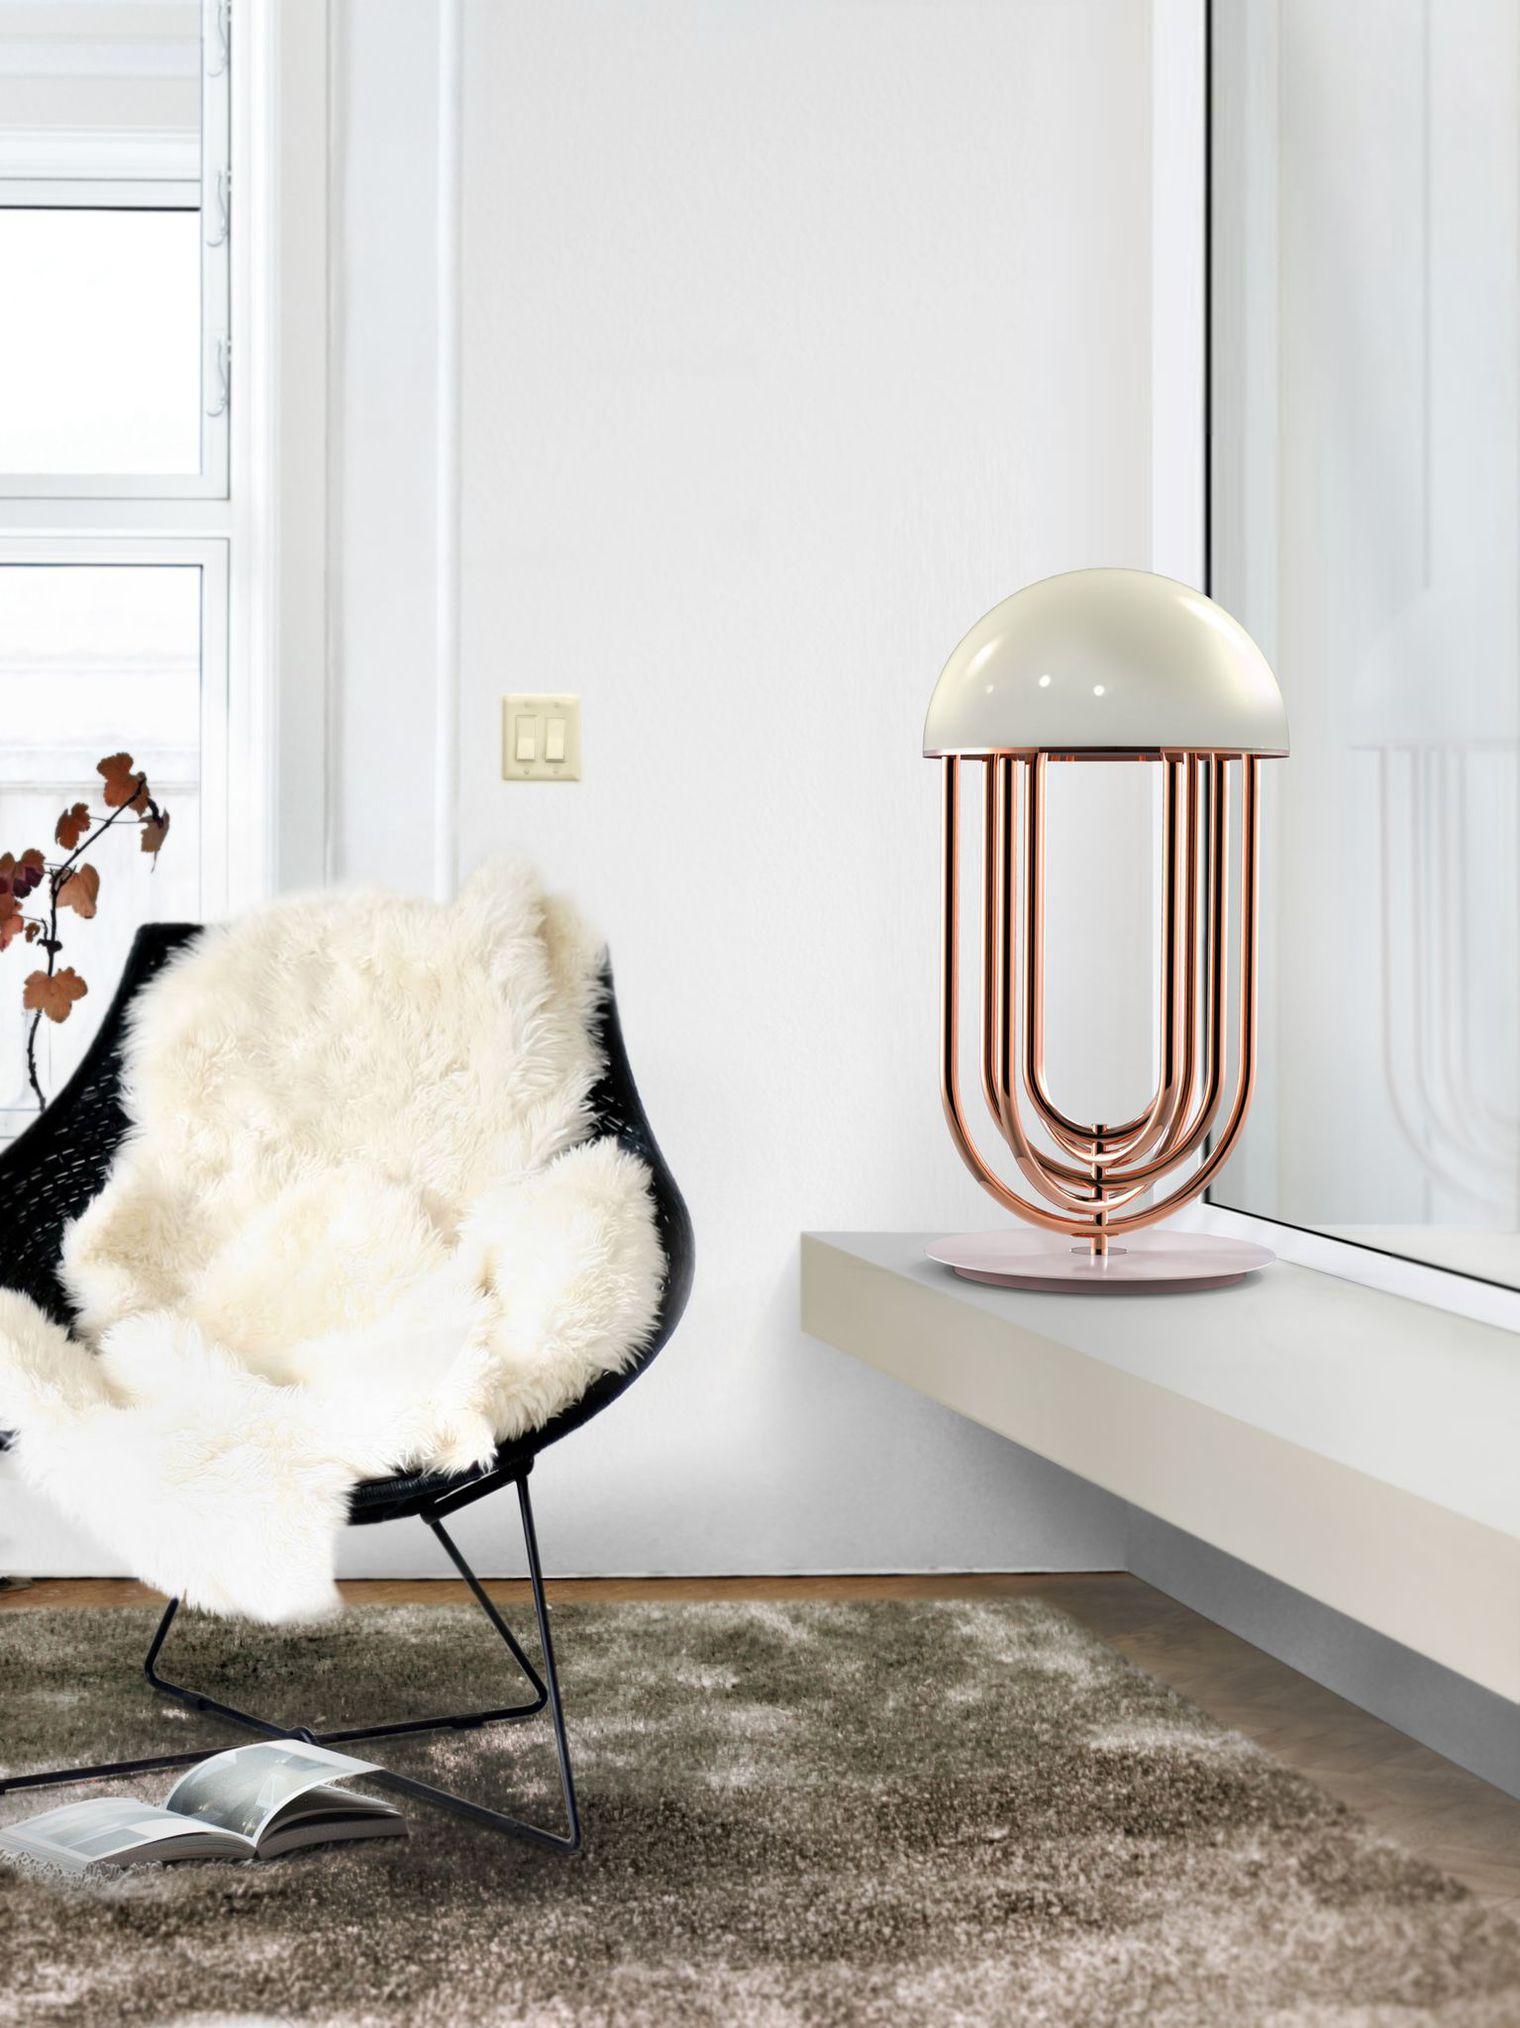 Lampe salon: confort maximal dans votre espace Р24 id̩es sympas ...